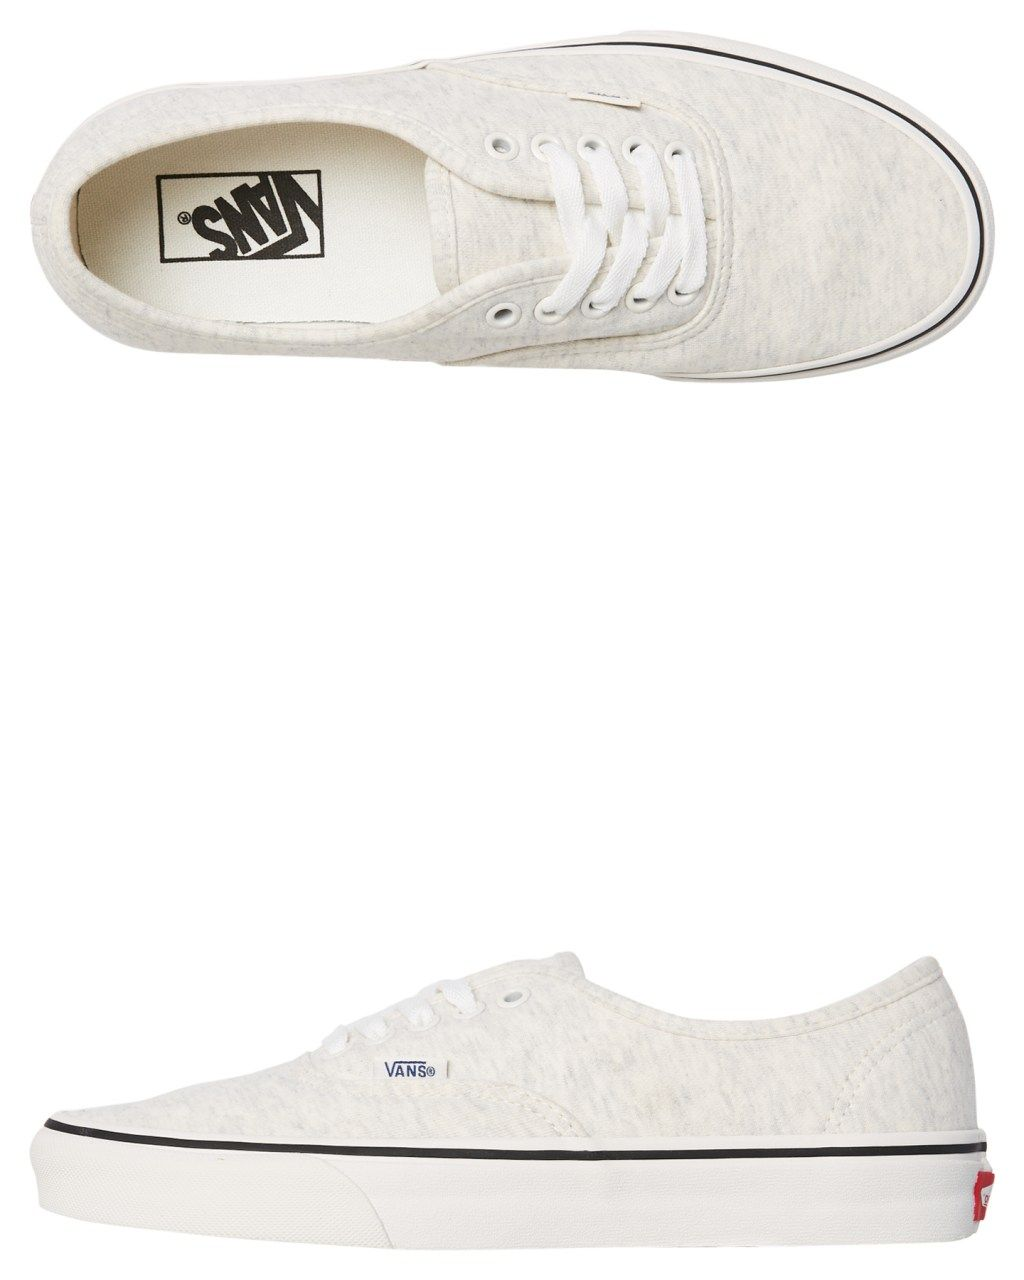 Size White Shoe Vans Authentic Snow Sneakers Womens trCshxBQd